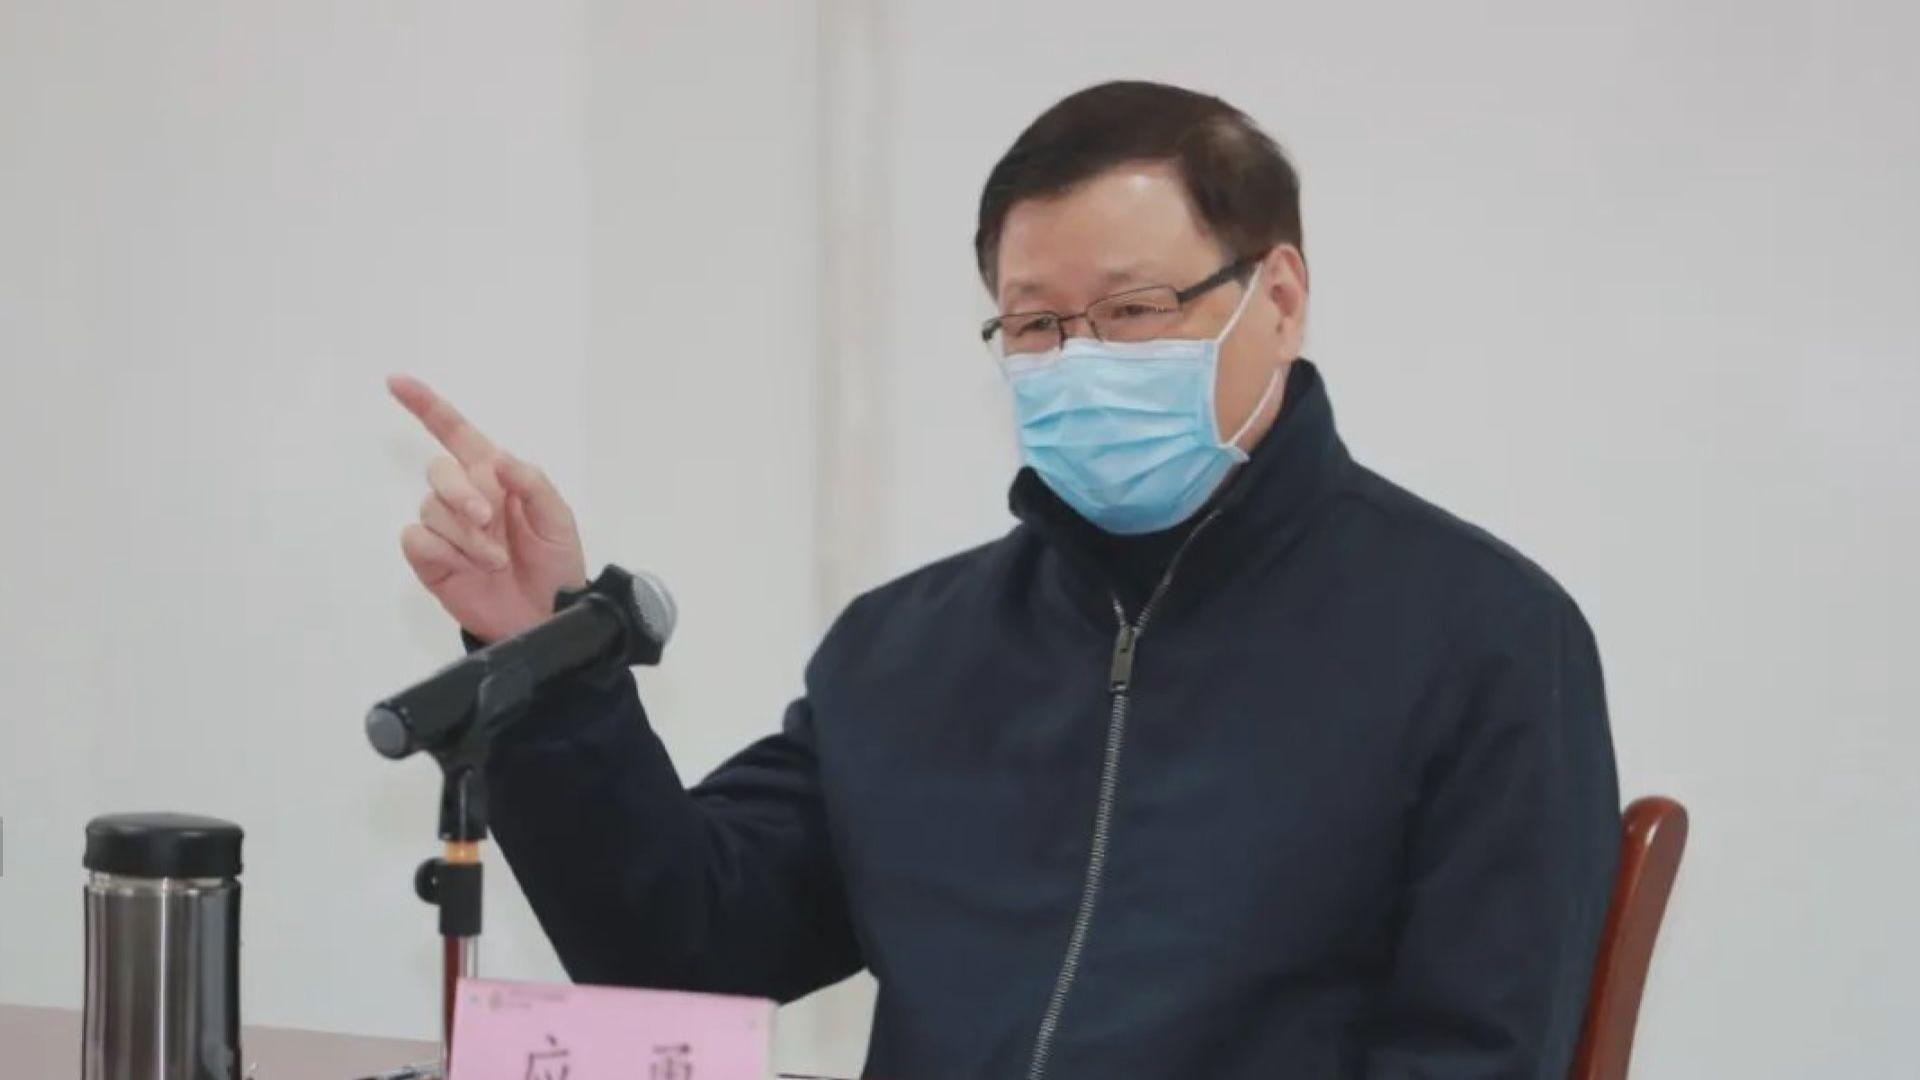 湖北省委書記應勇:嚴格管控離開武漢通道